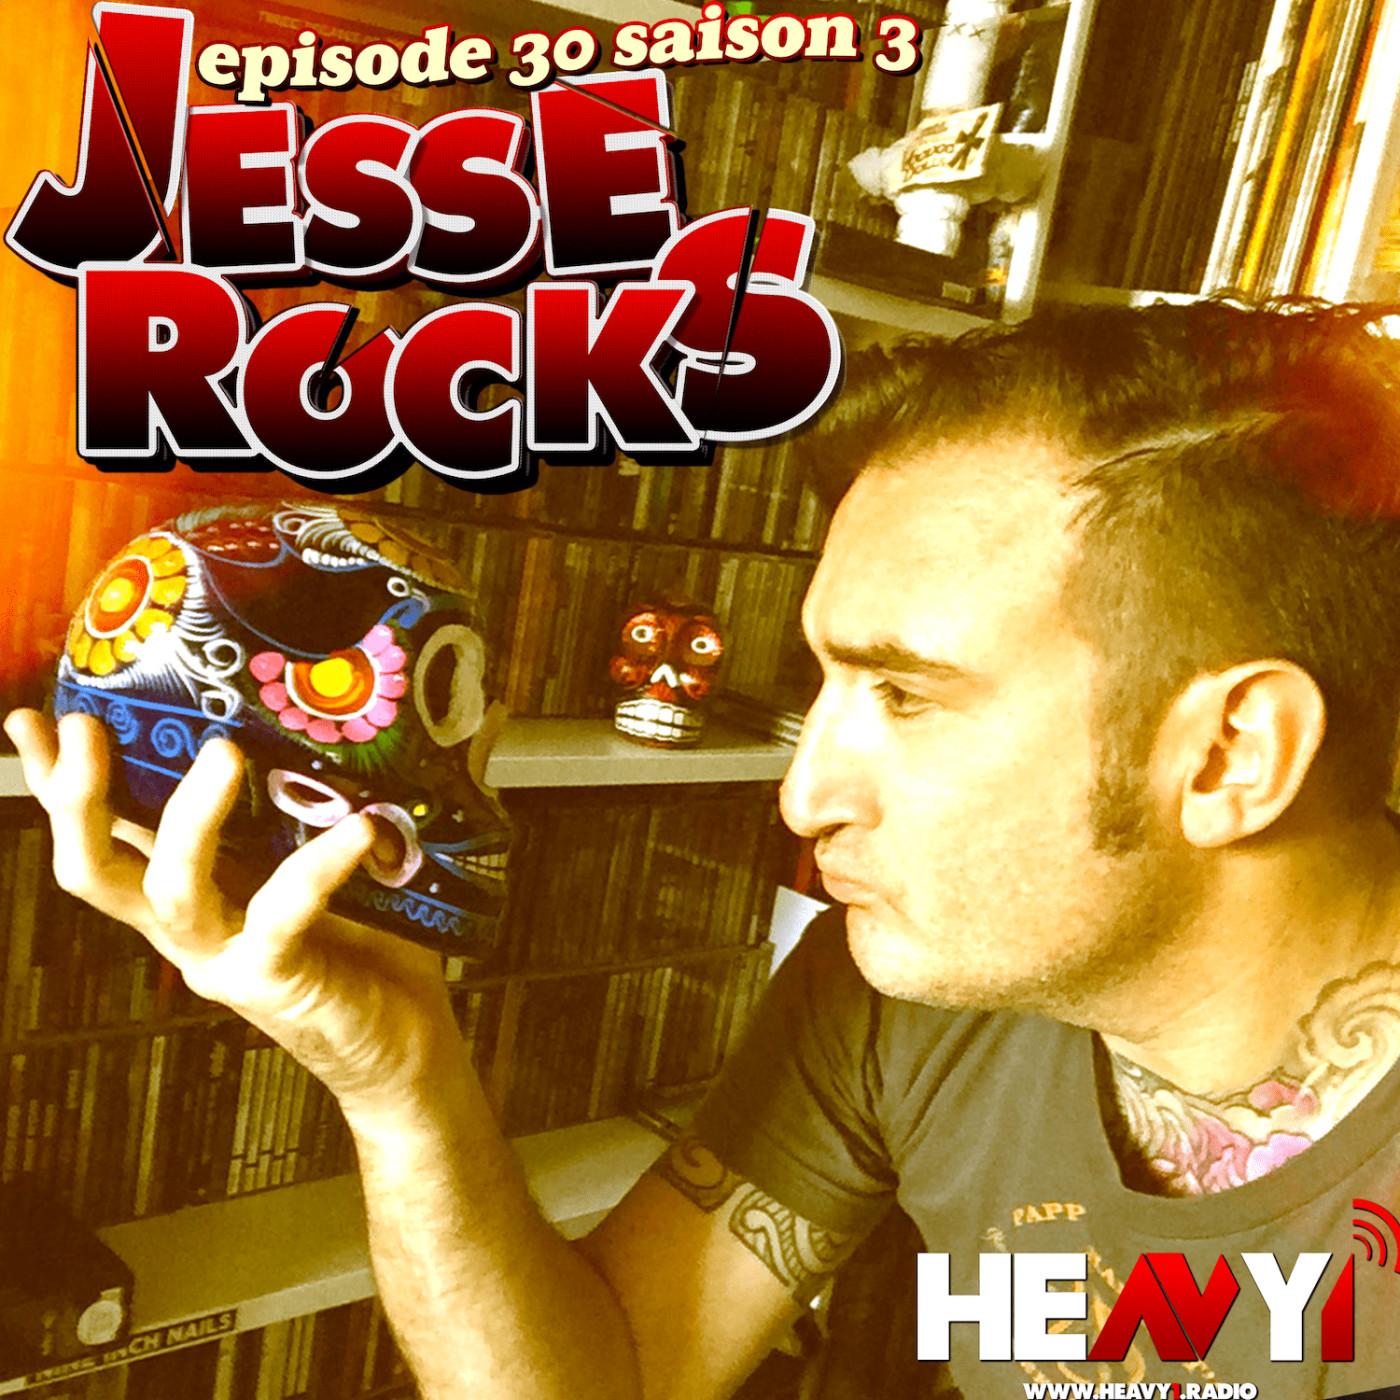 Jesse Rocks #30 Saison 3